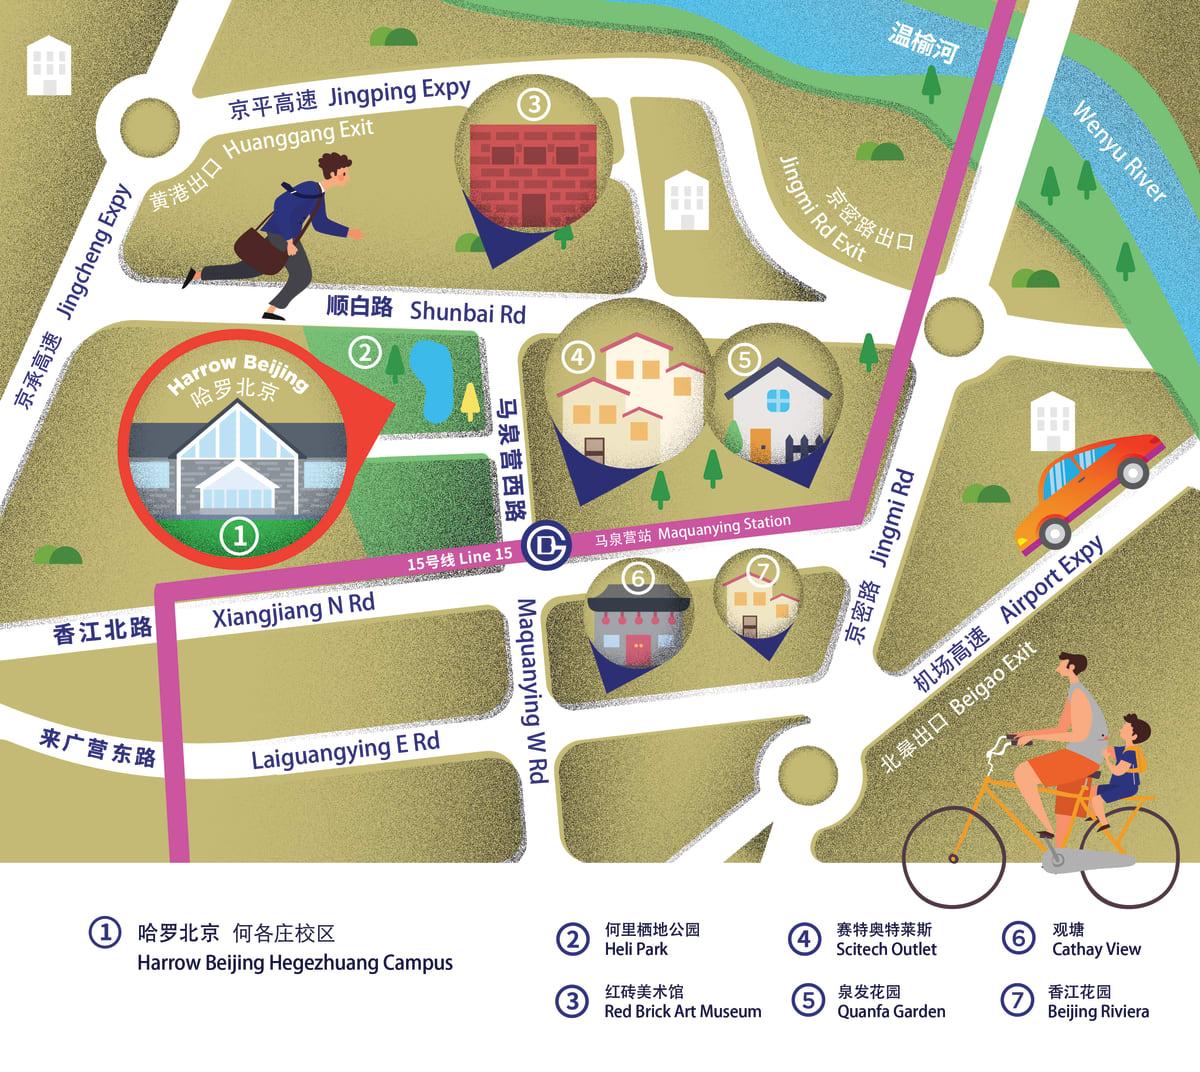 HarrowBeijing